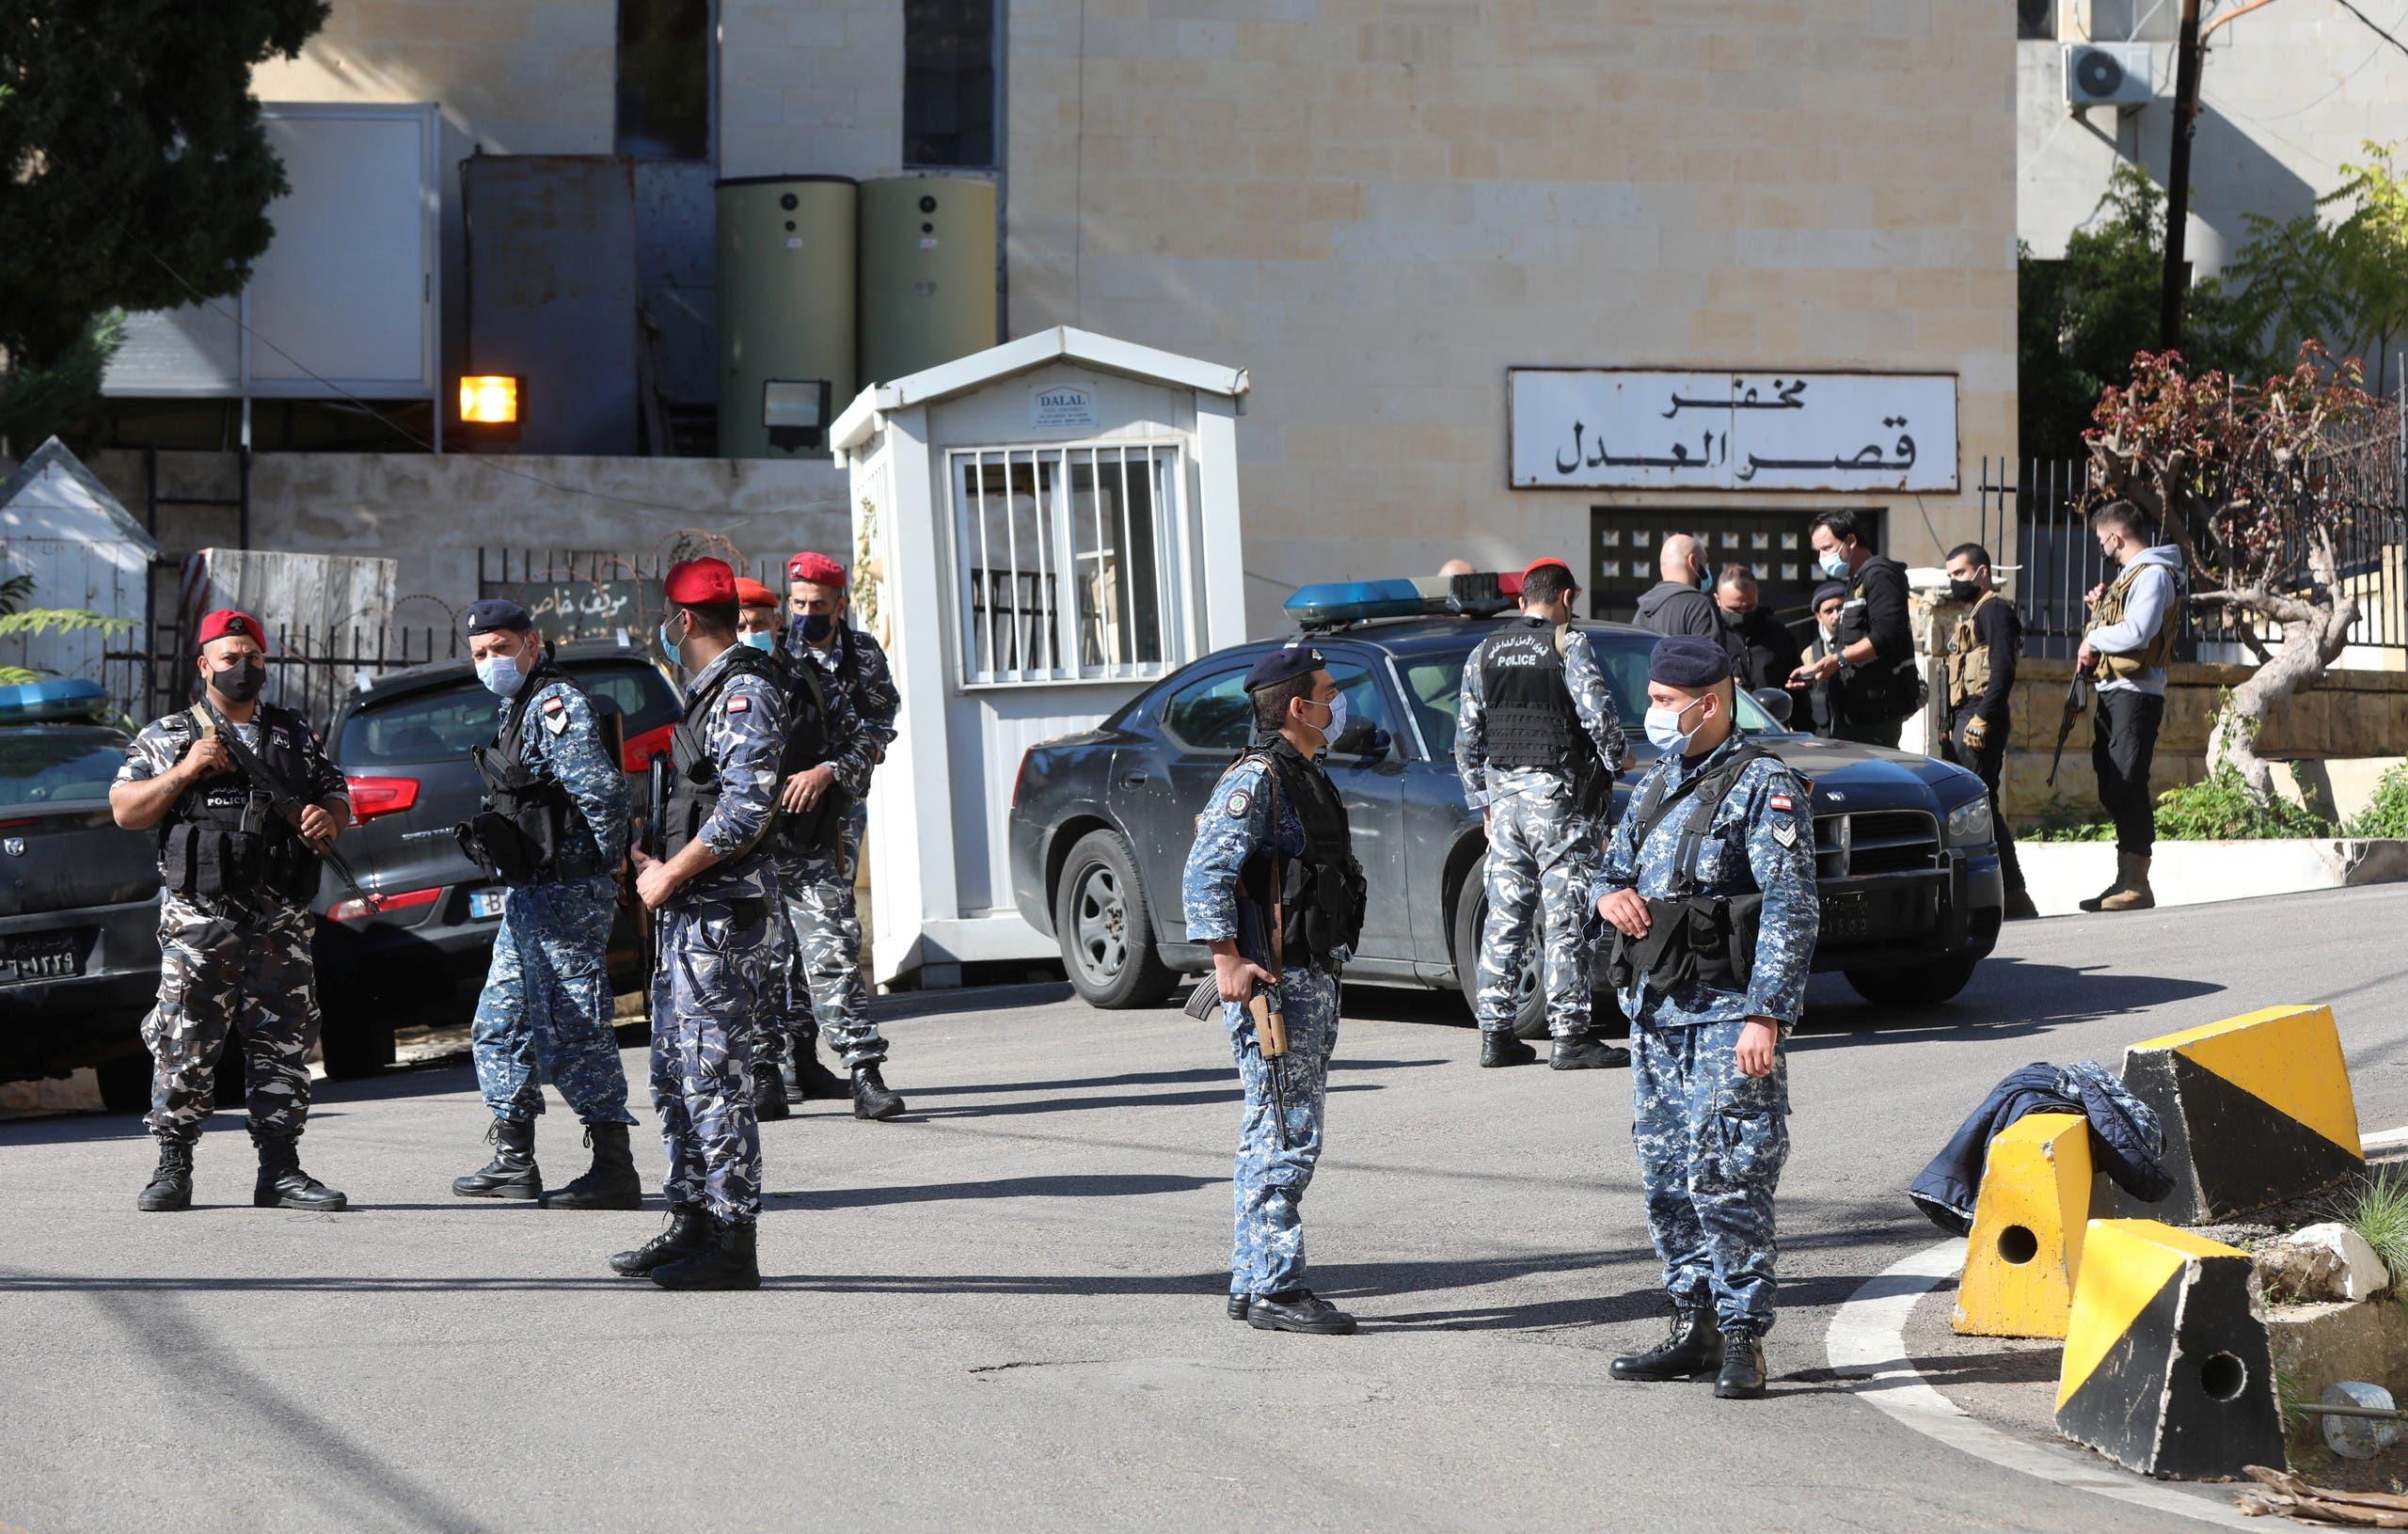 Members of the Lebanese police gather outside Baabda prison, Lebanon, November 21, 2020. (Reuters)